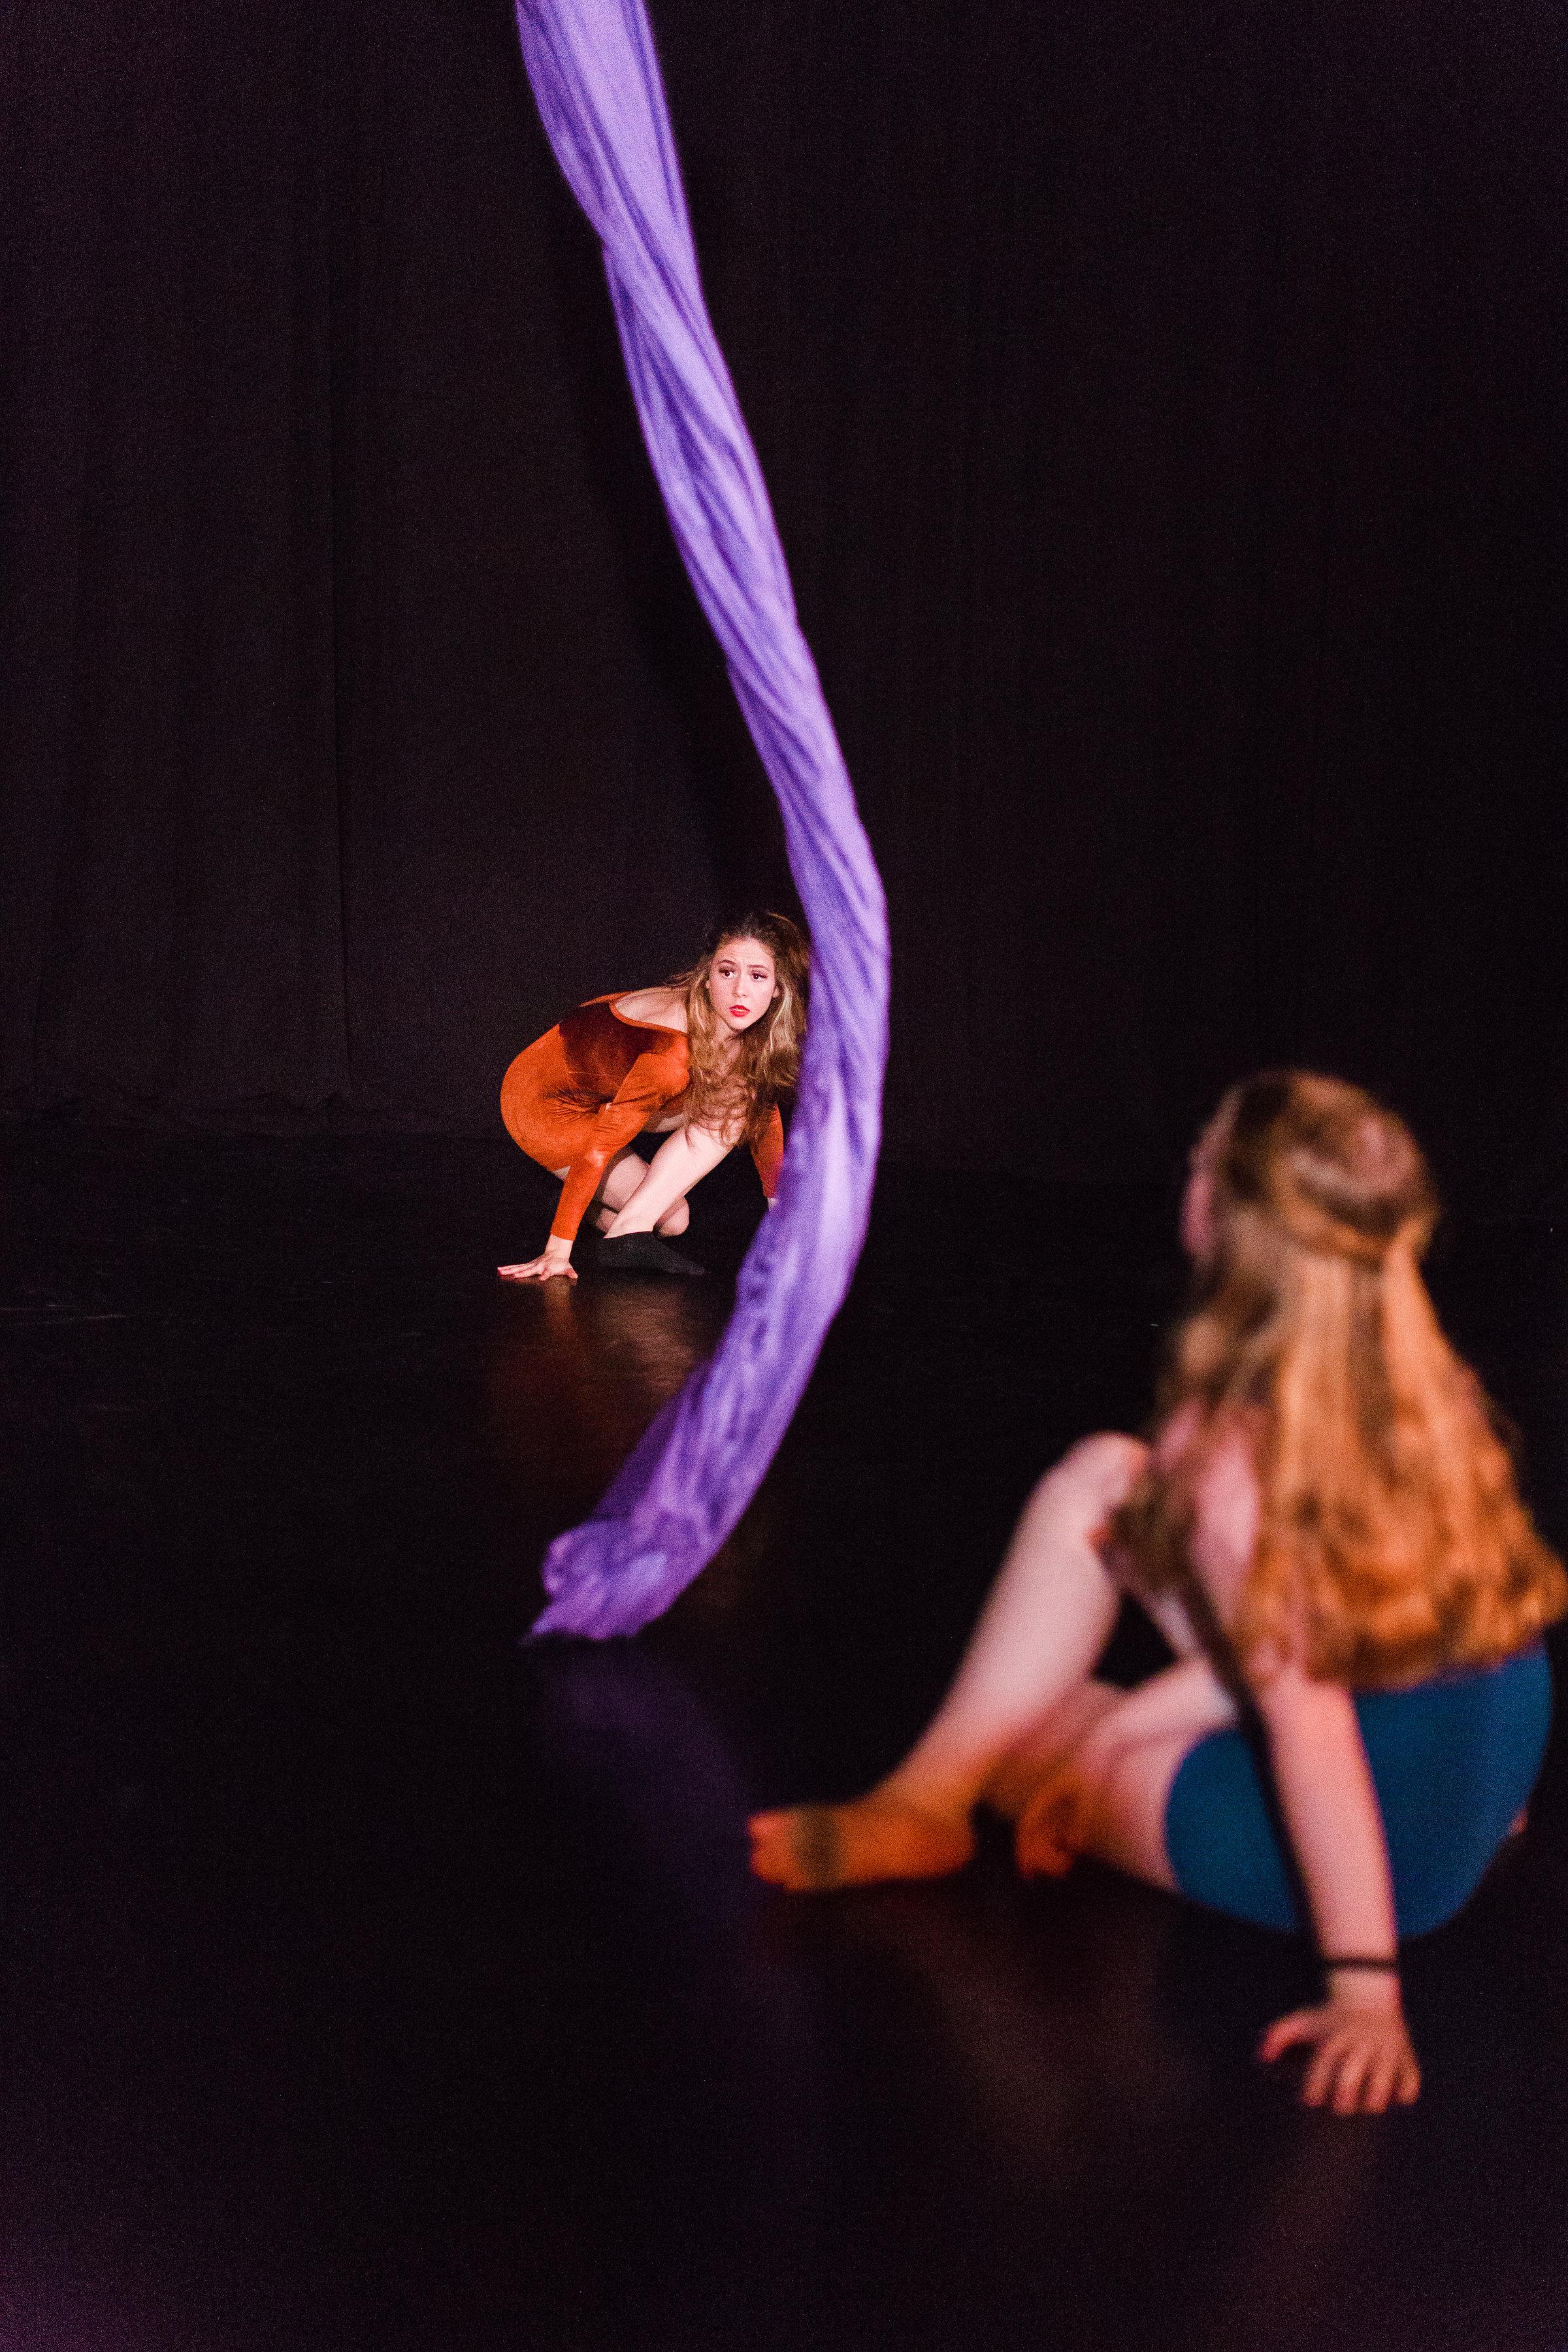 2017_12_10_durham_school_ballet_winter_showcase_party-3851.jpg